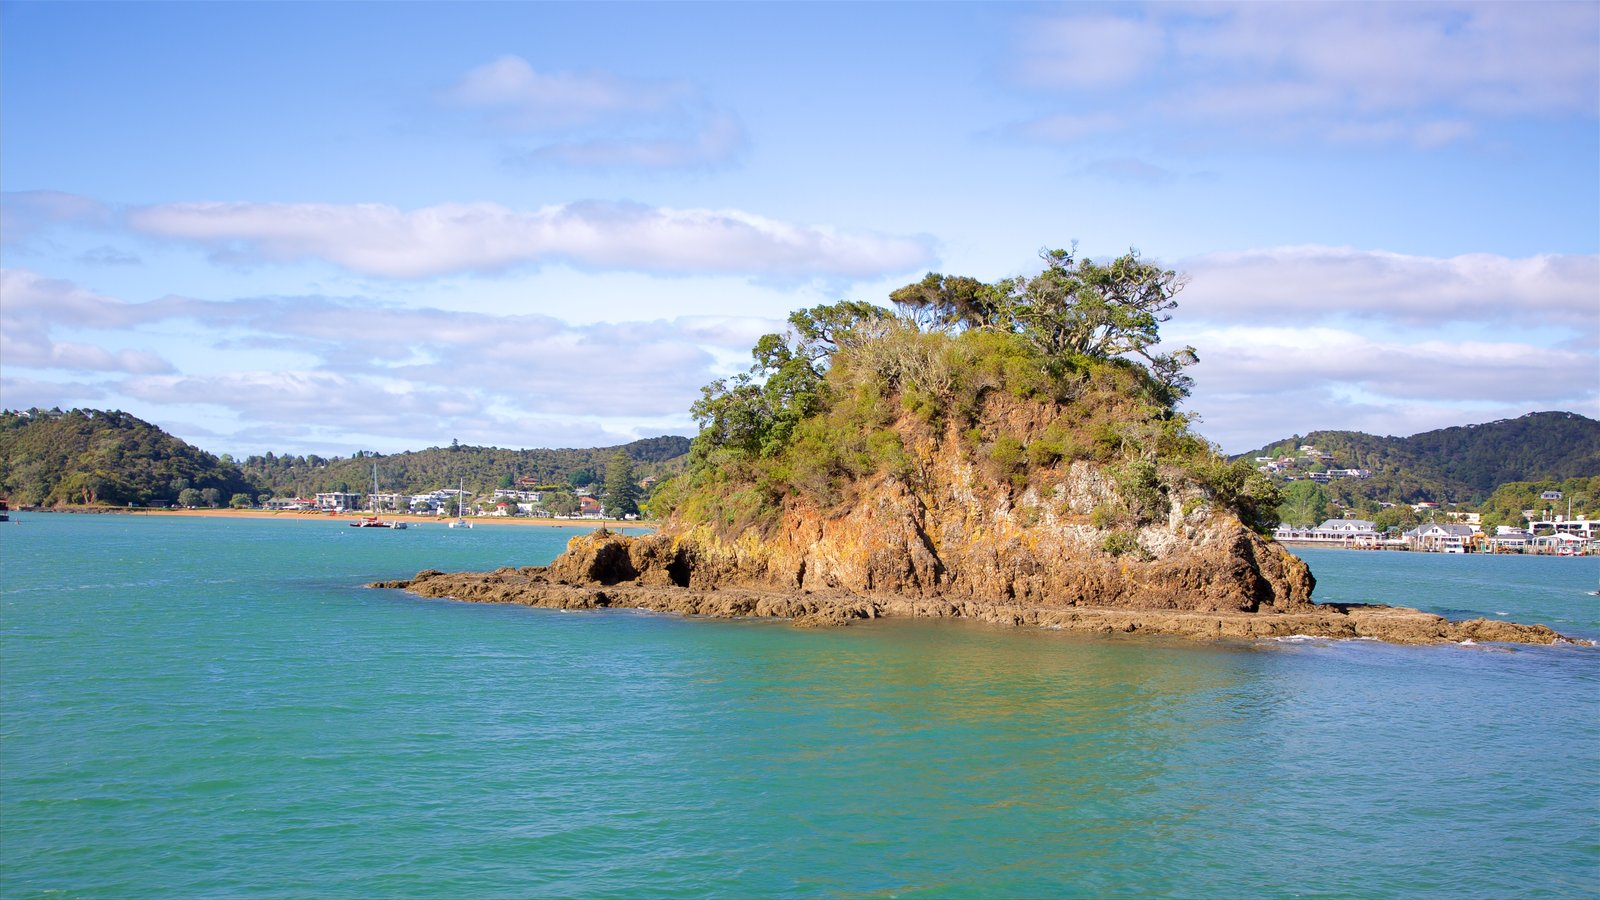 Paihia que incluye costa escarpada y una bahía o puerto